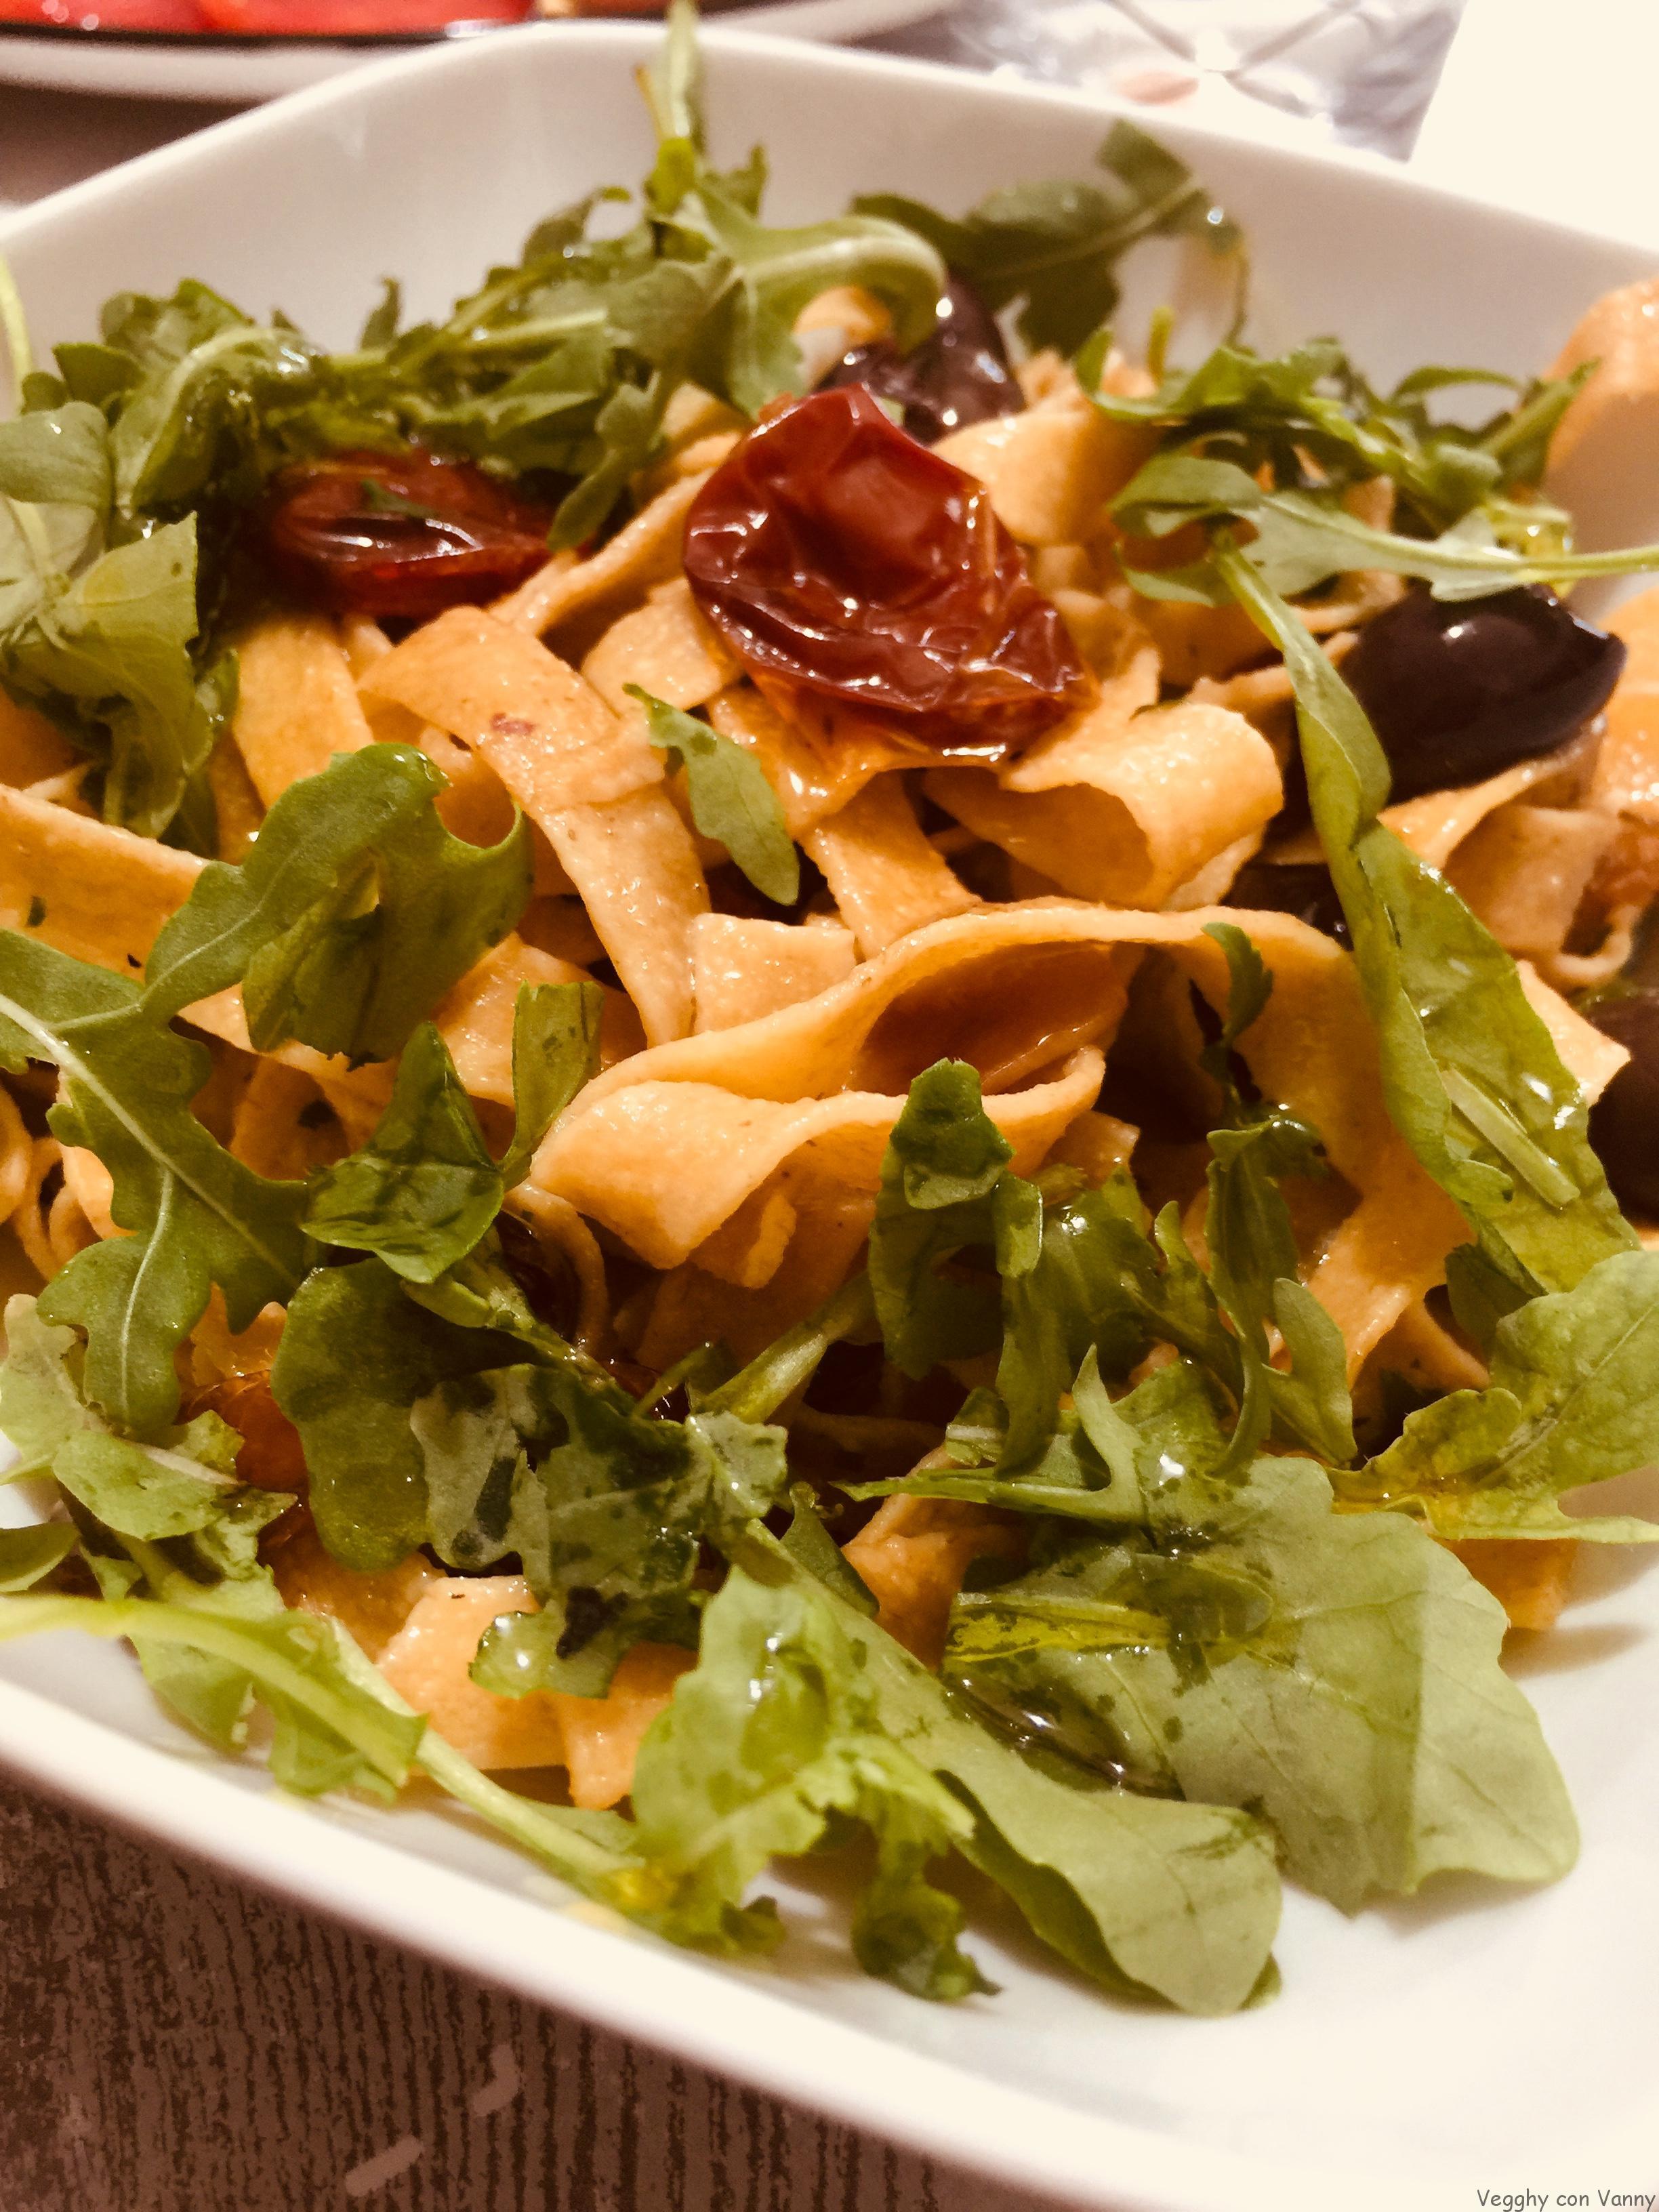 Tagliatelle integrali con pomodori confit, olive di Gaeta e rucola